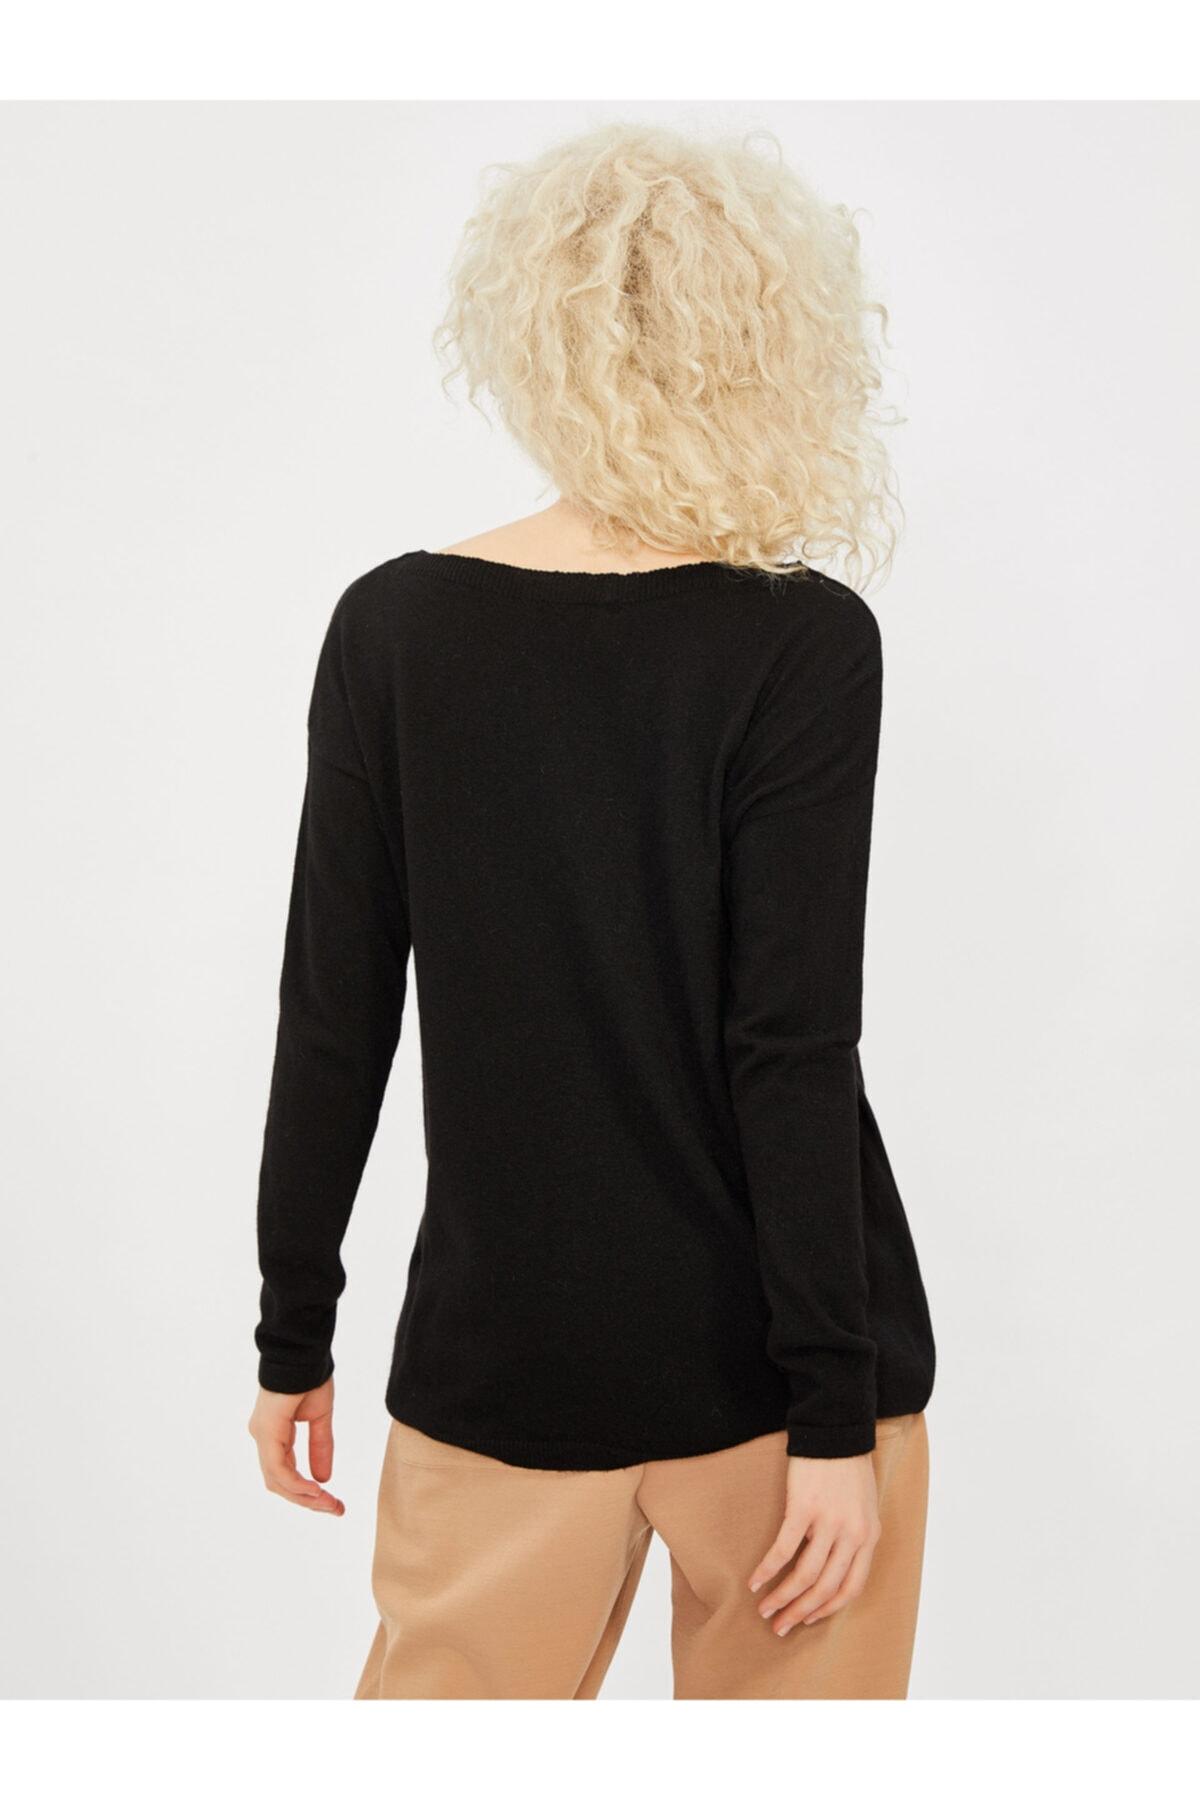 Vekem Kadın Siyah Kayık Yaka Angora Yünlü Bluz 2